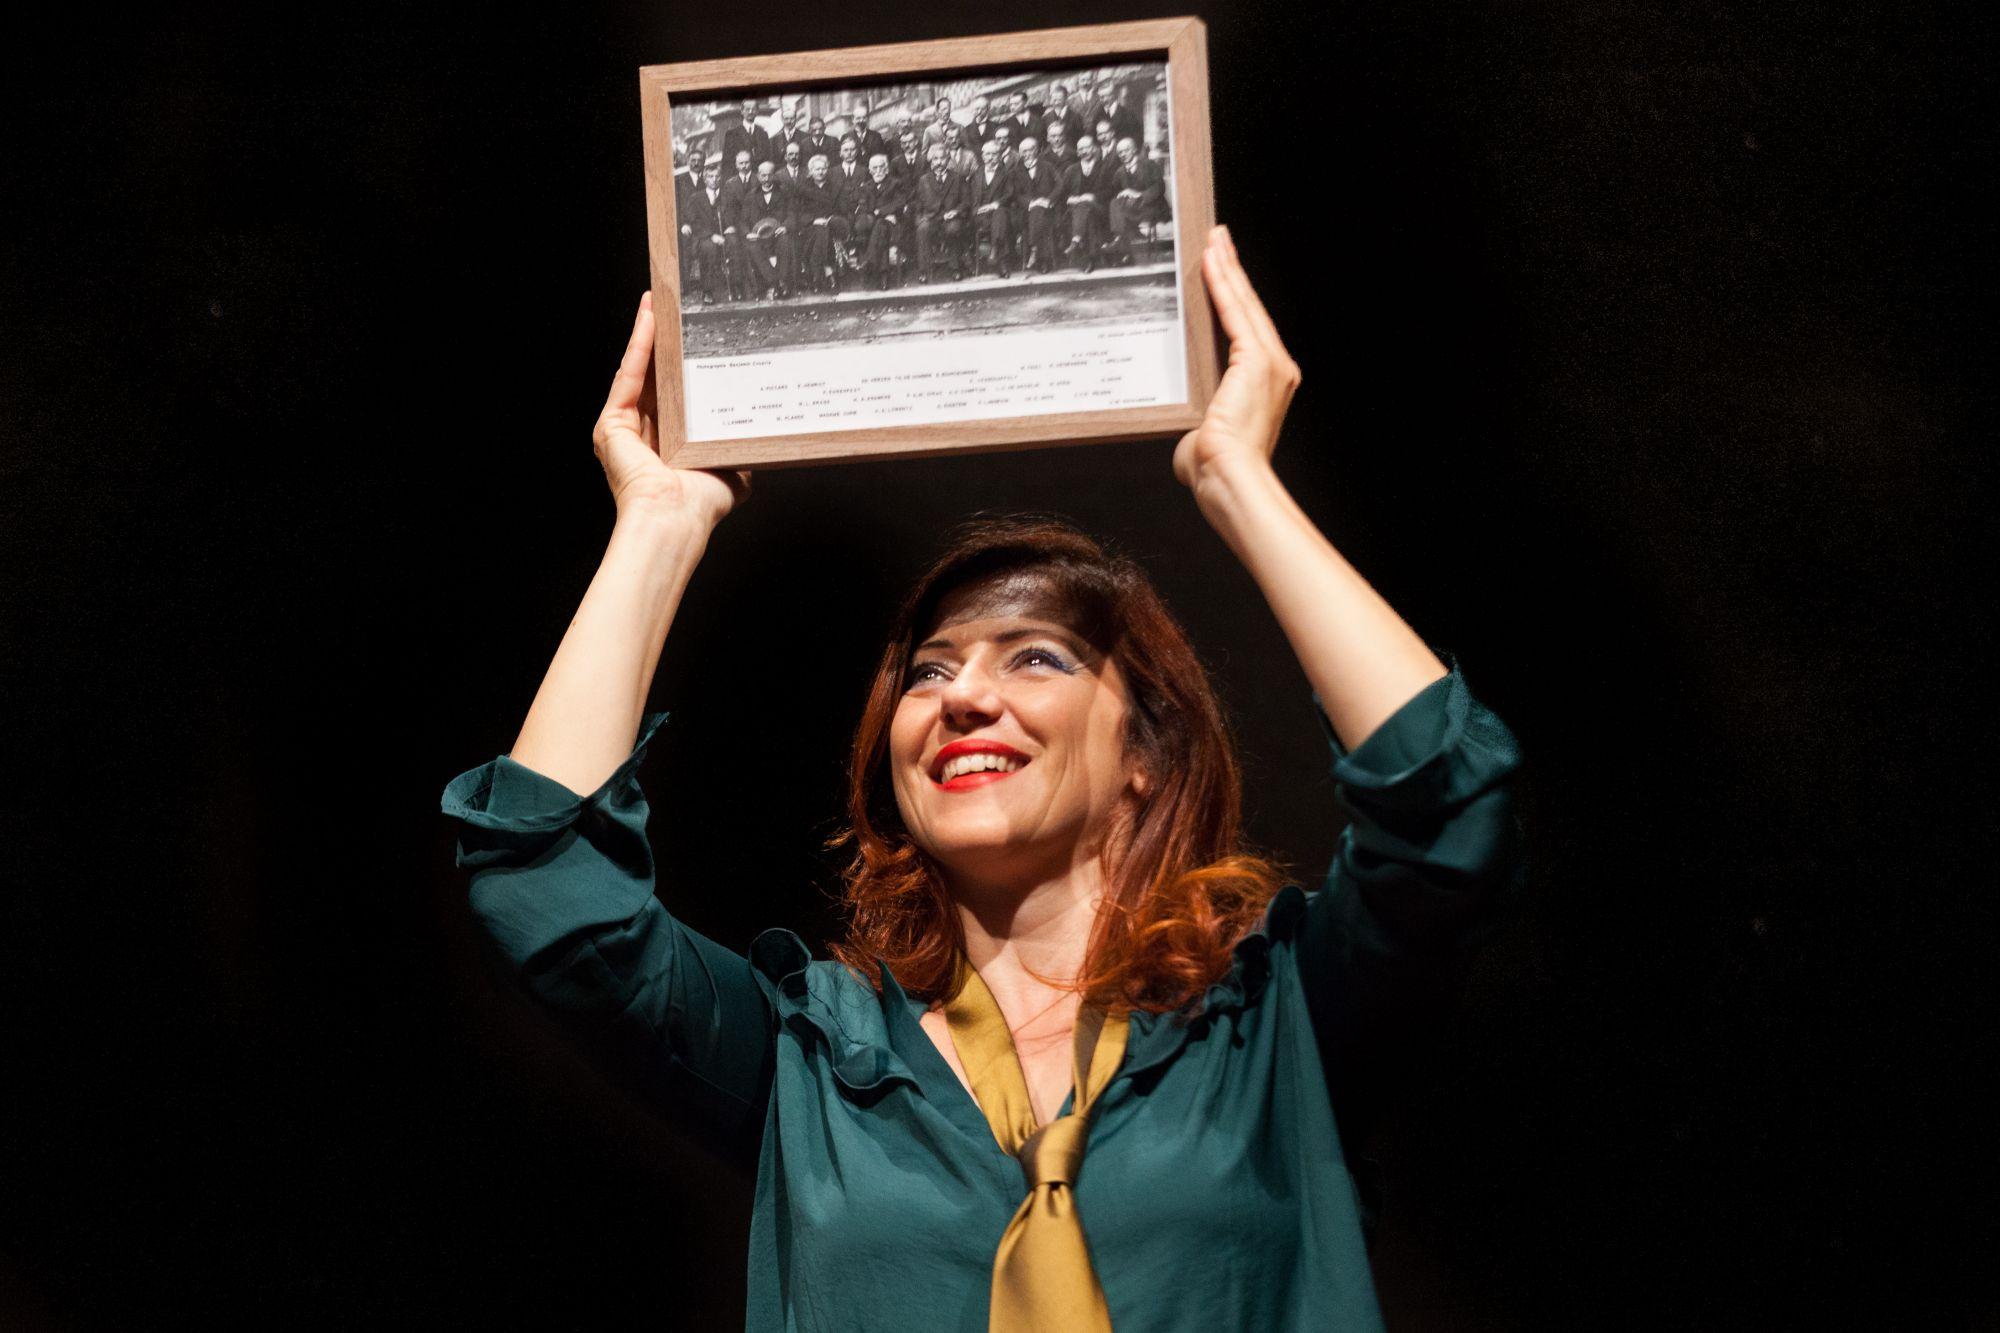 Le date del tour di '1927 MONOLOGO QUANTISTICO' nei teatri…eccole!